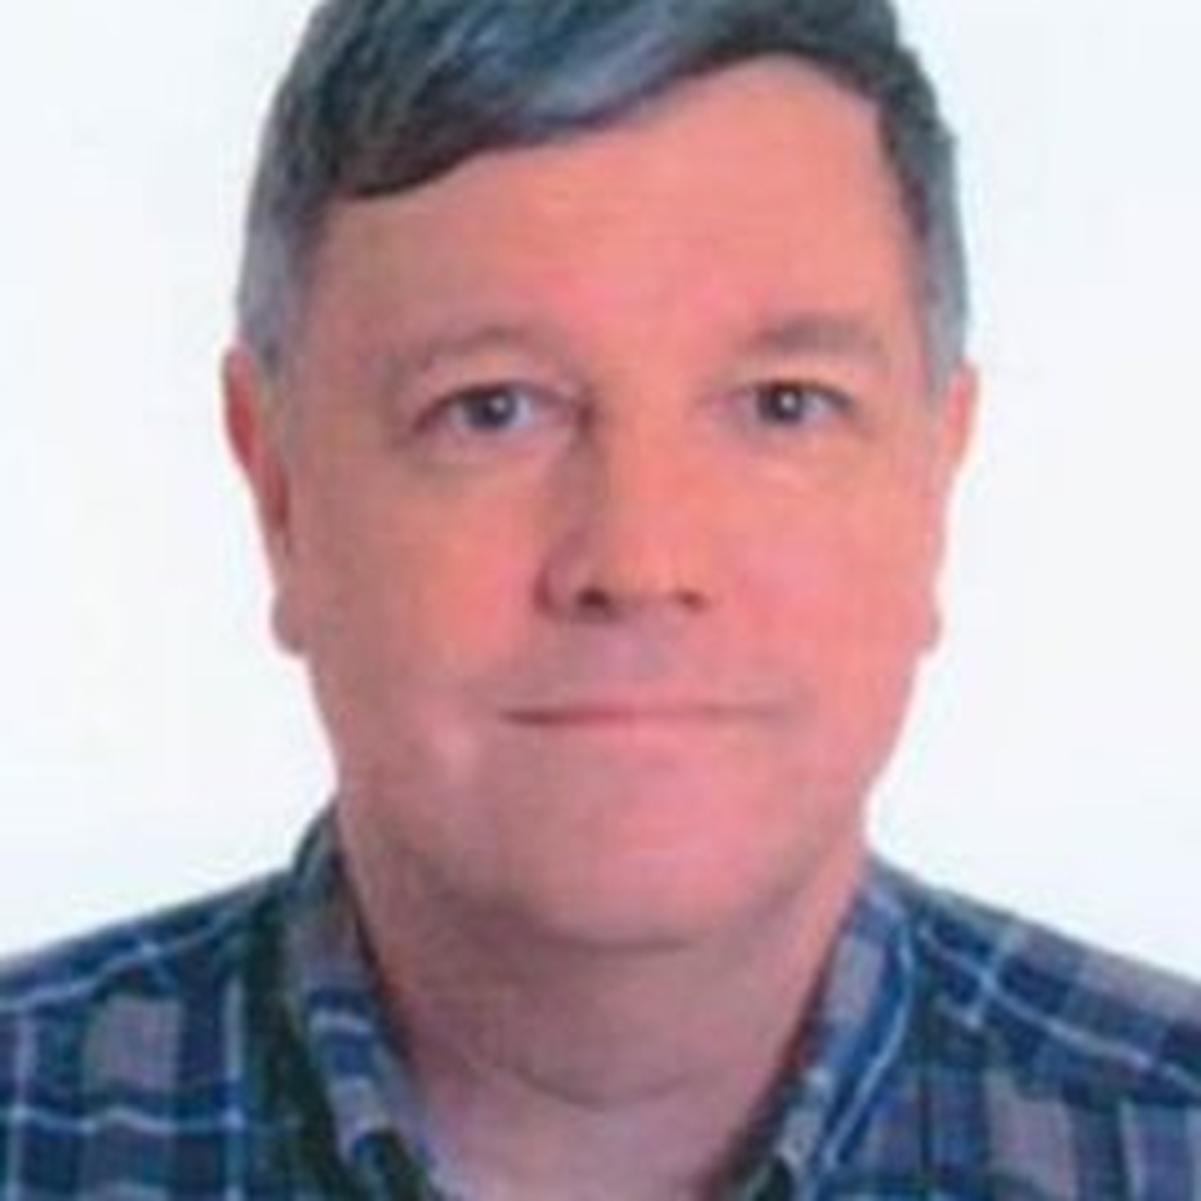 Thomas E. MaCurdy